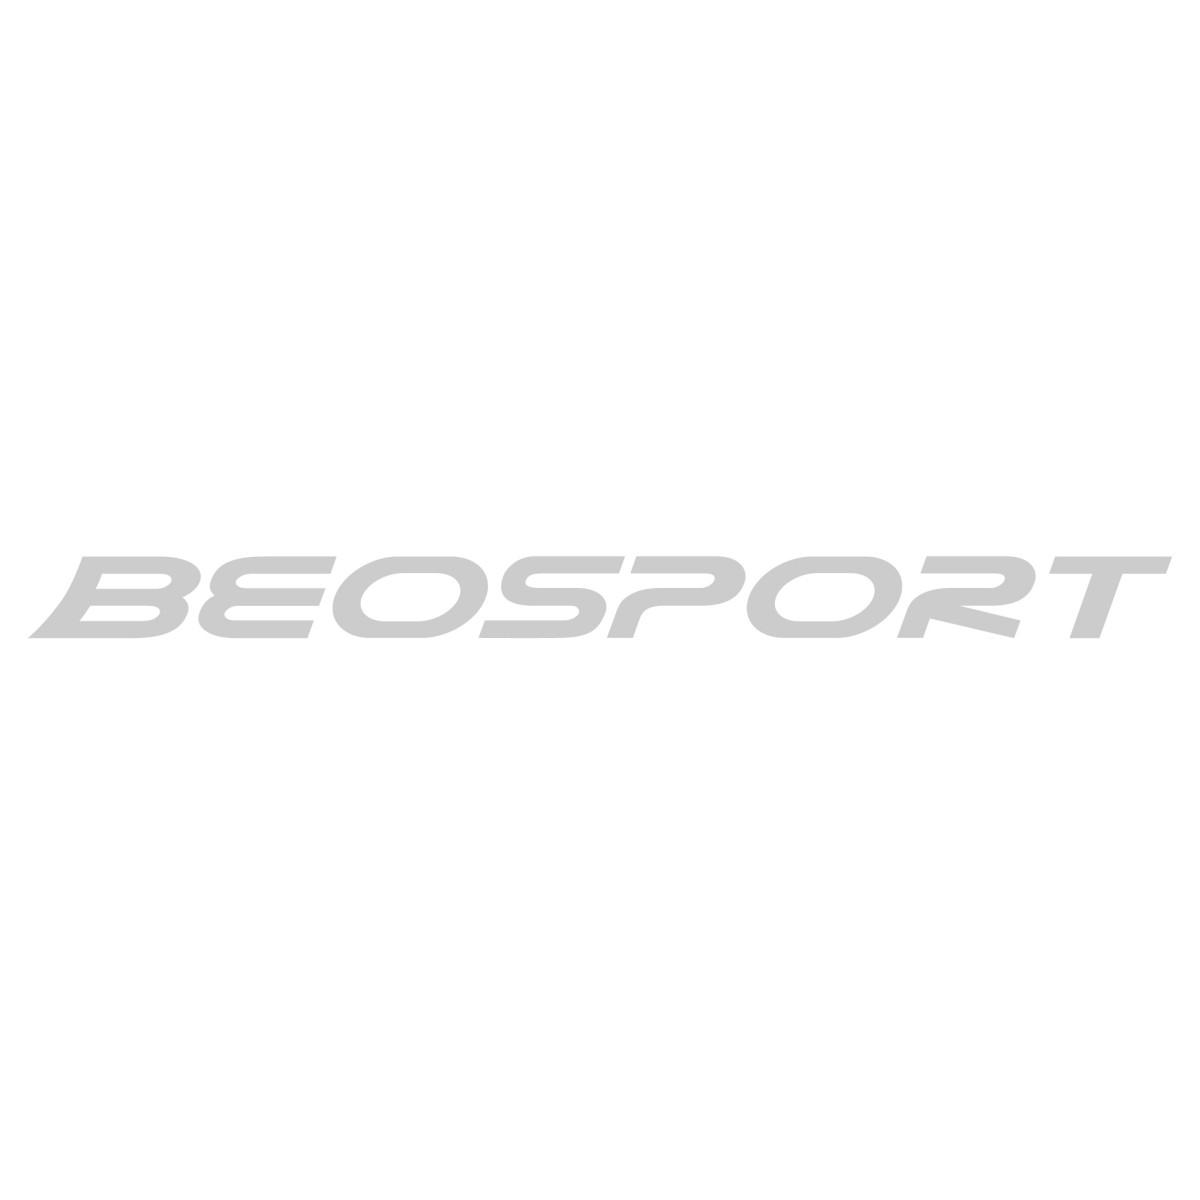 Wilson Roland Garros Tennis Ball privezak